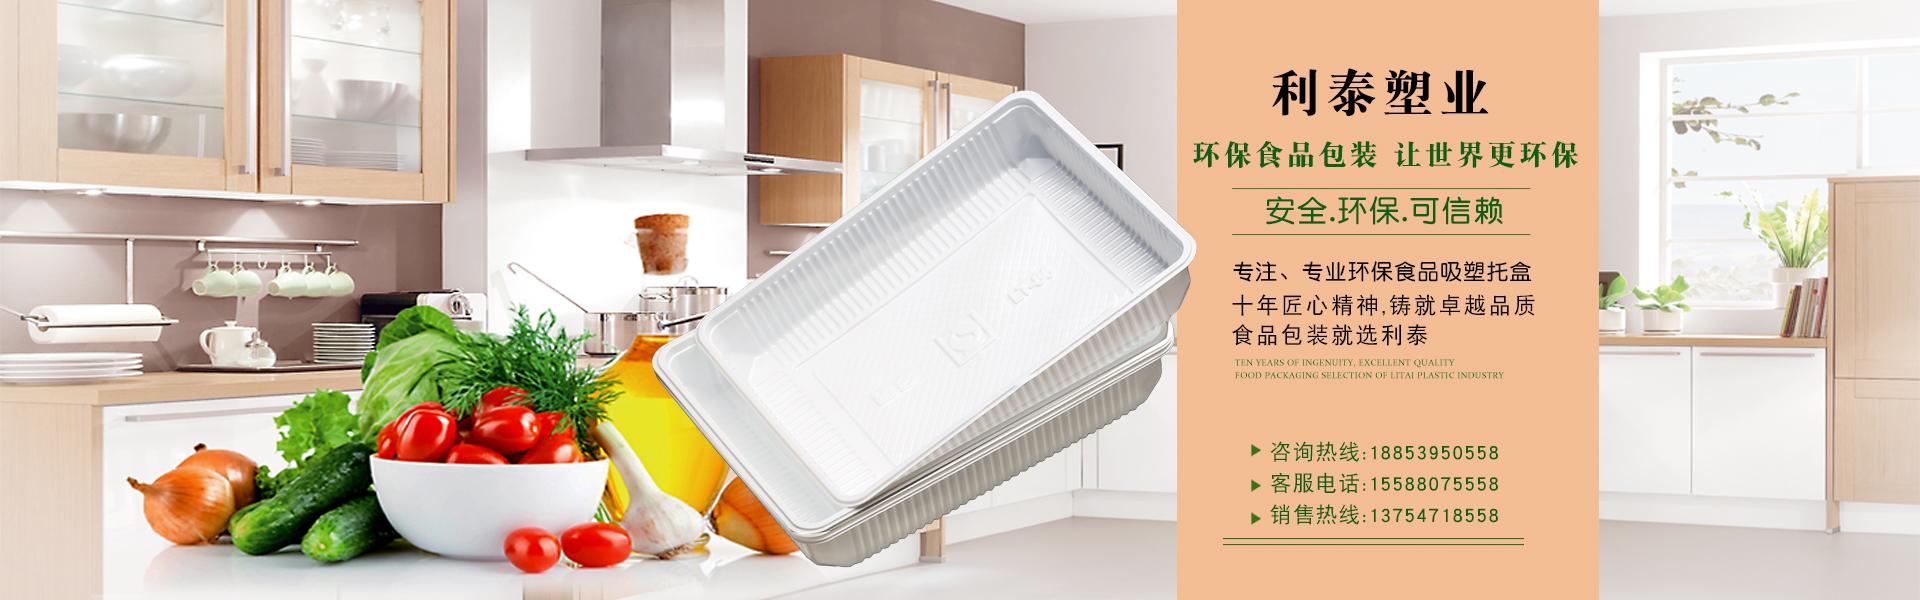 吸塑托盒,吸塑托盘,食品托盒,食品托盘